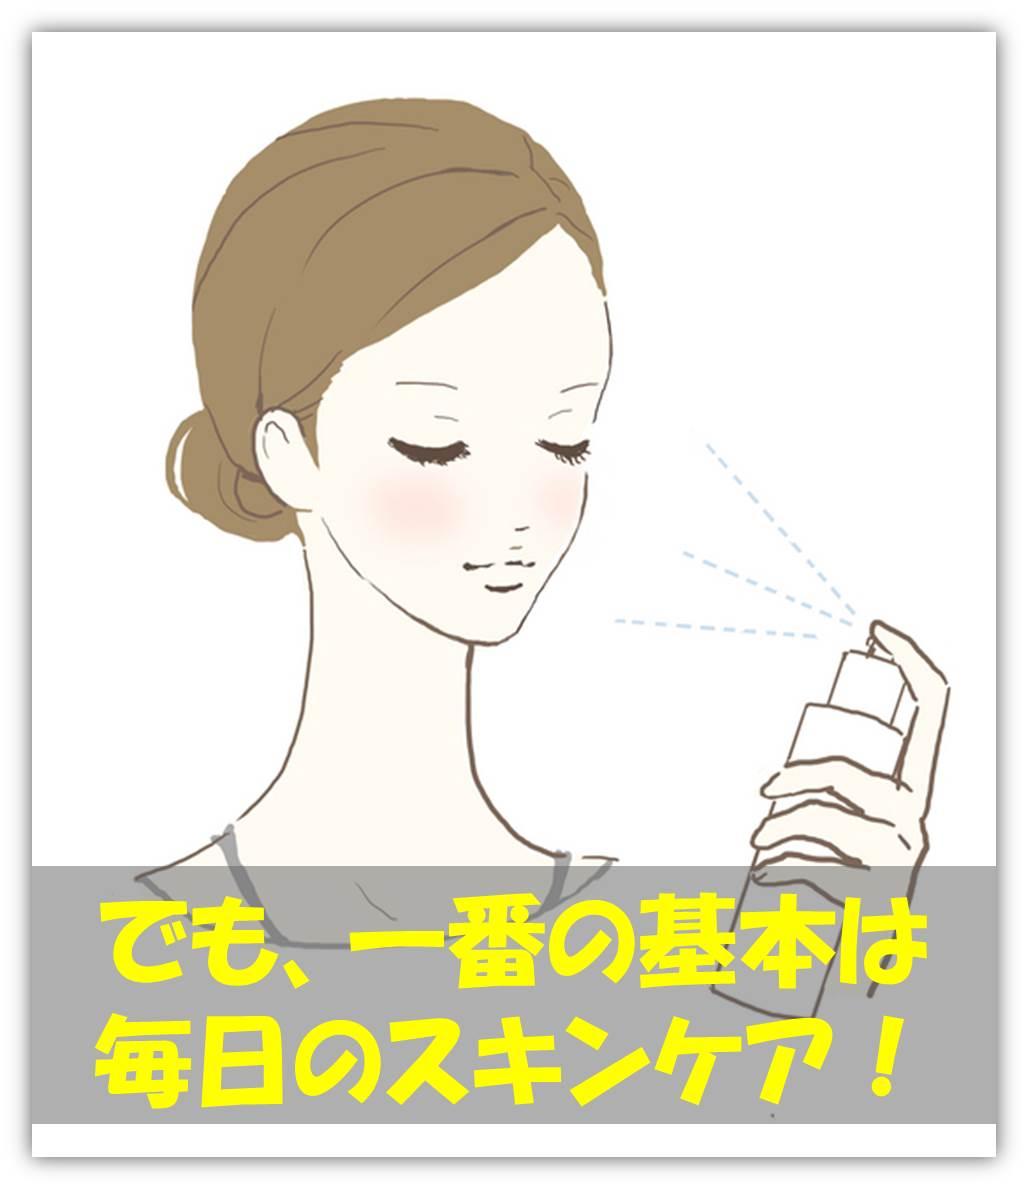 スキンケア.jpg